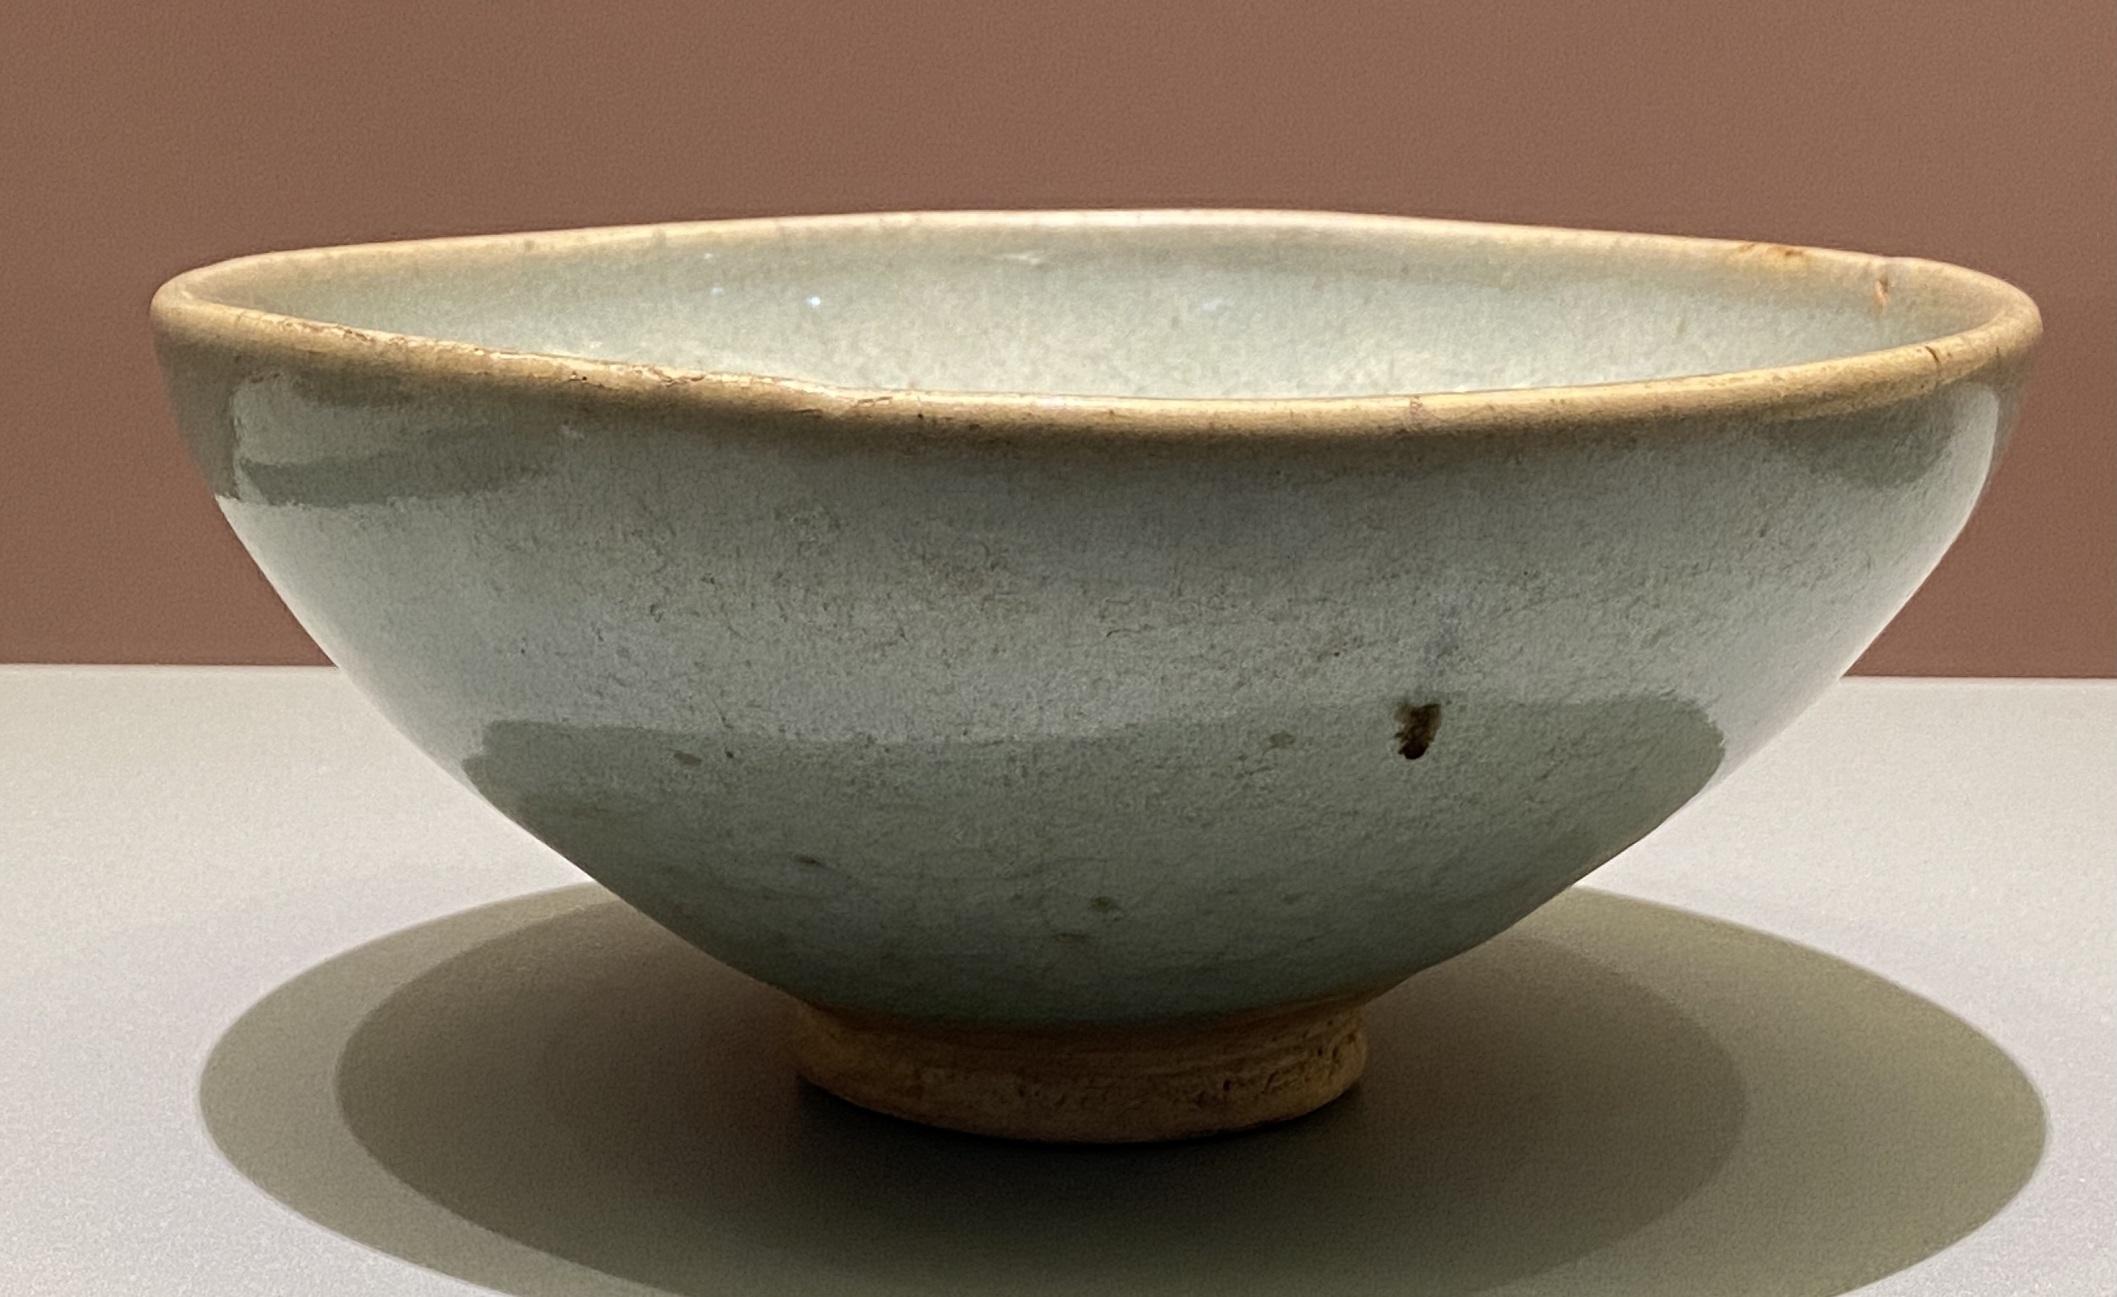 天青釉紫斑碗-元時代-特別展【食味人間】四川博物院・中国国家博物館